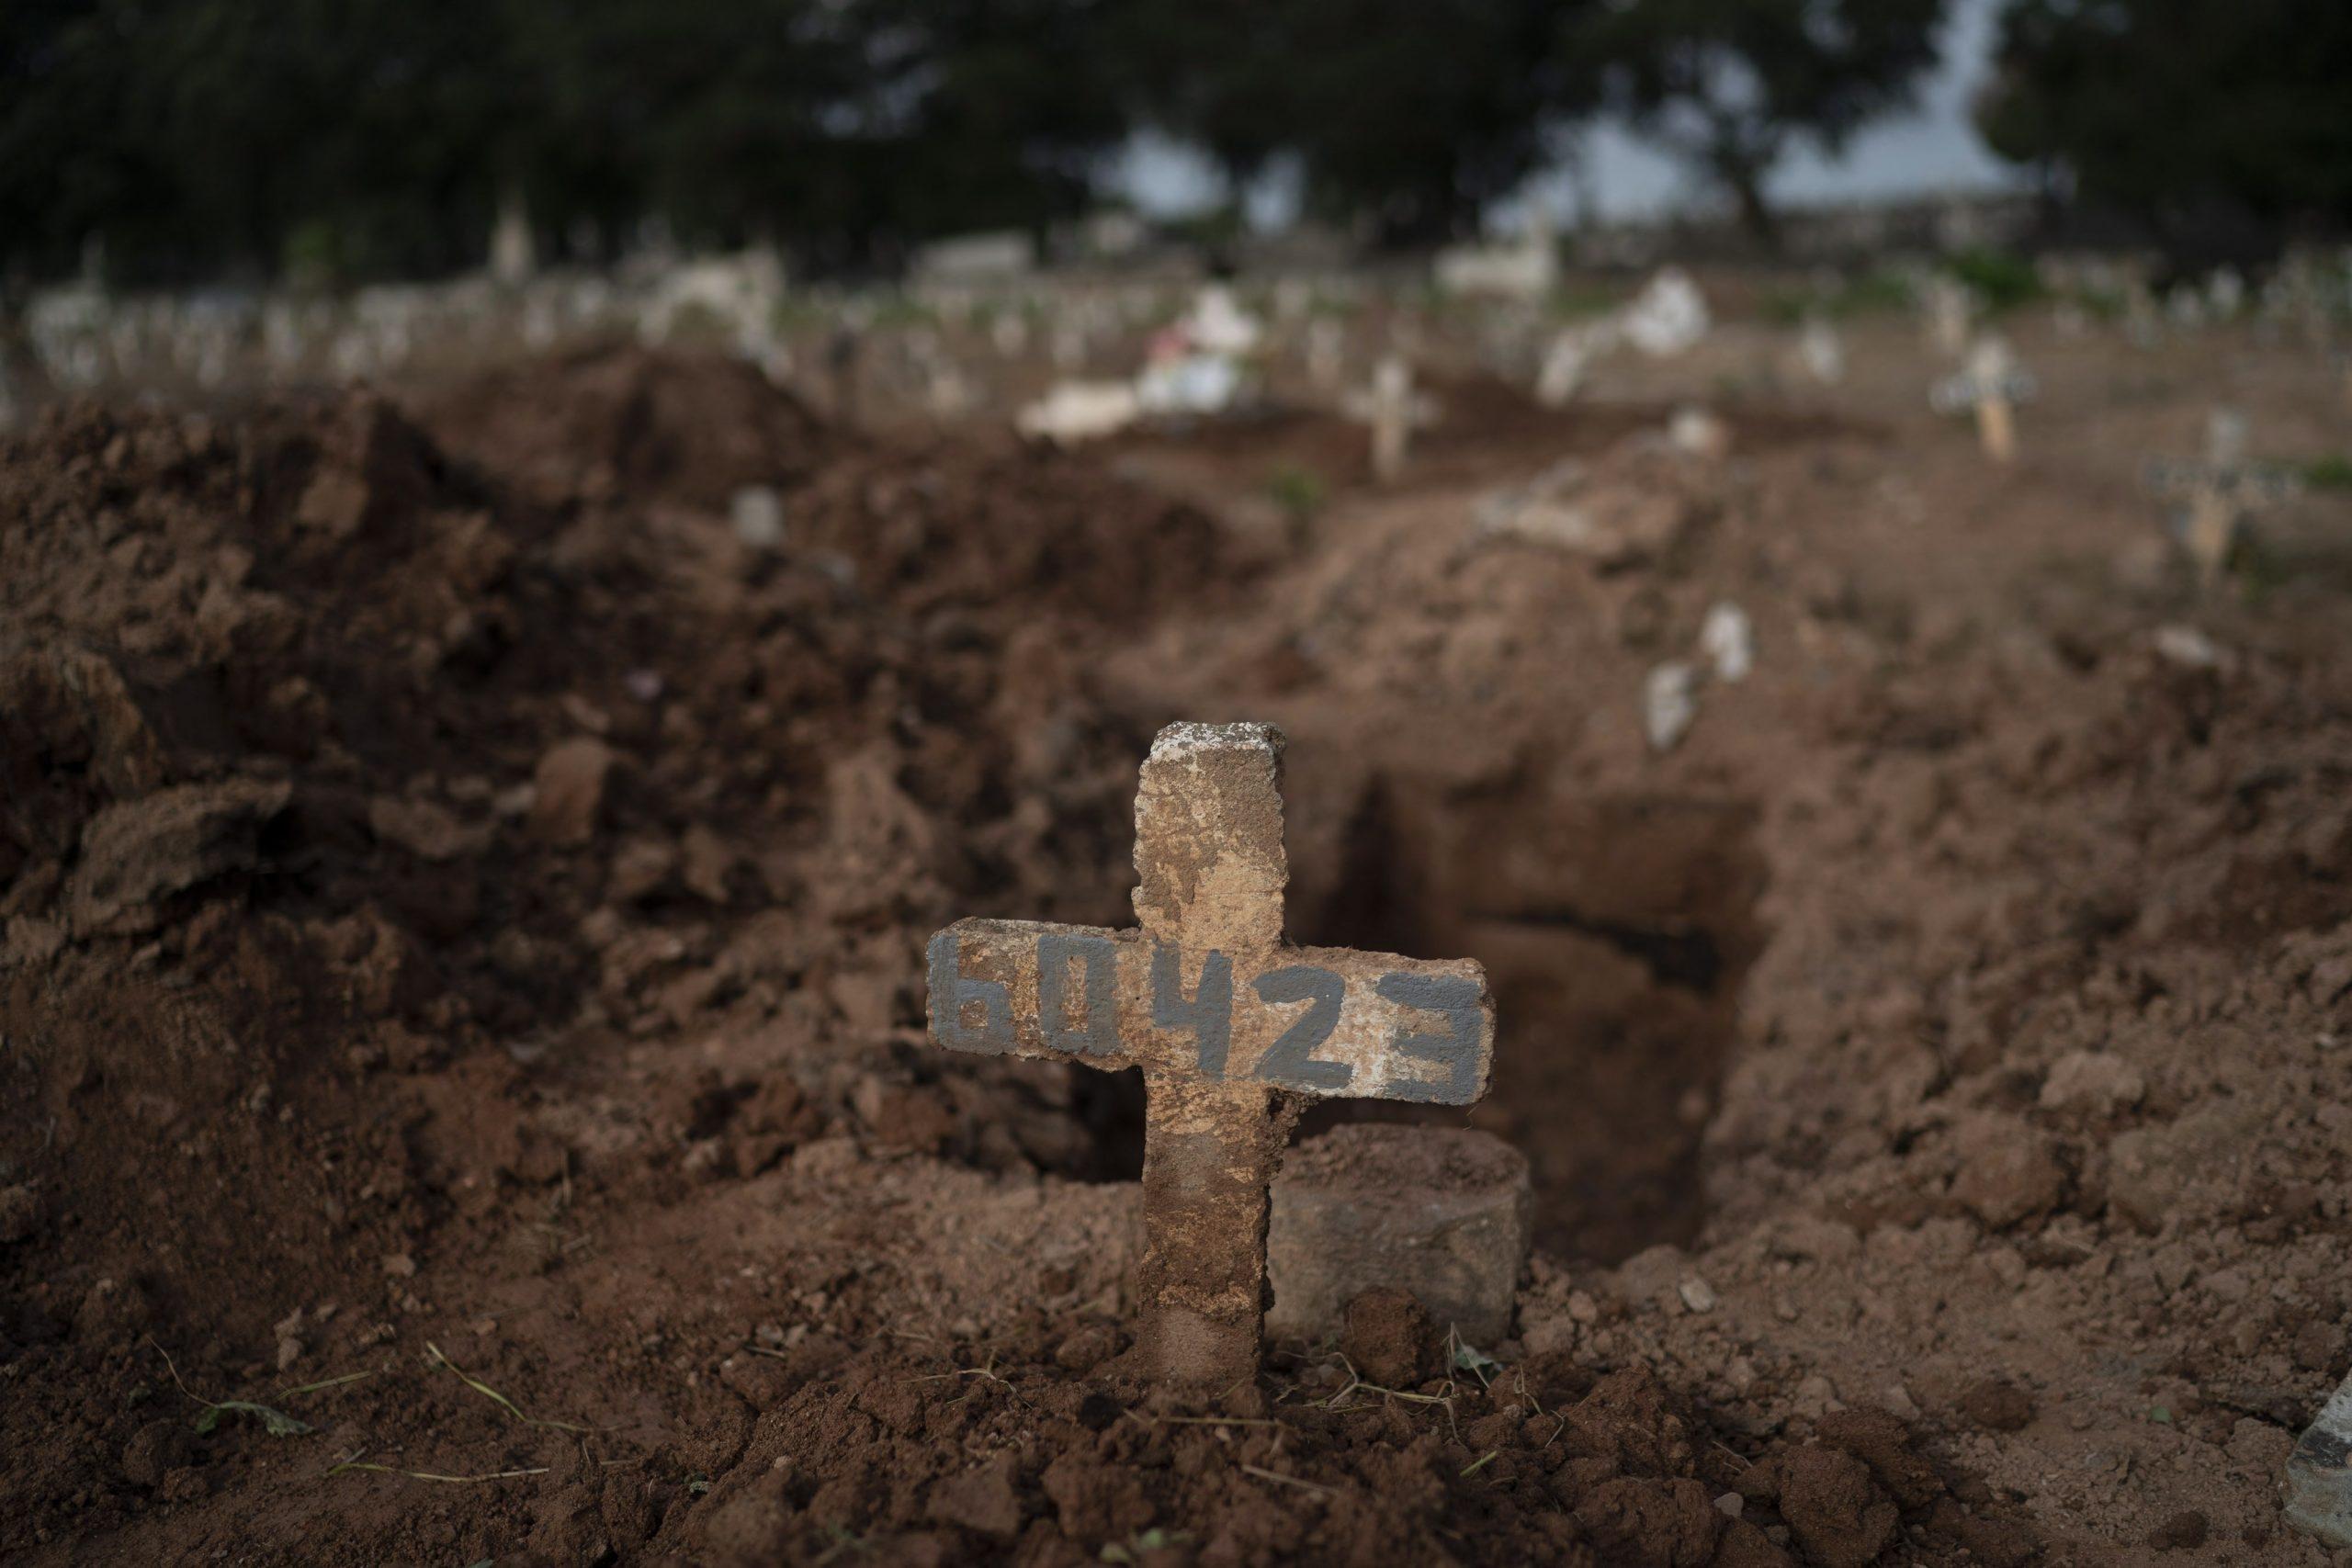 Braziliyada ifeksiyadan ölənlərin sayı 88 mini keçdi